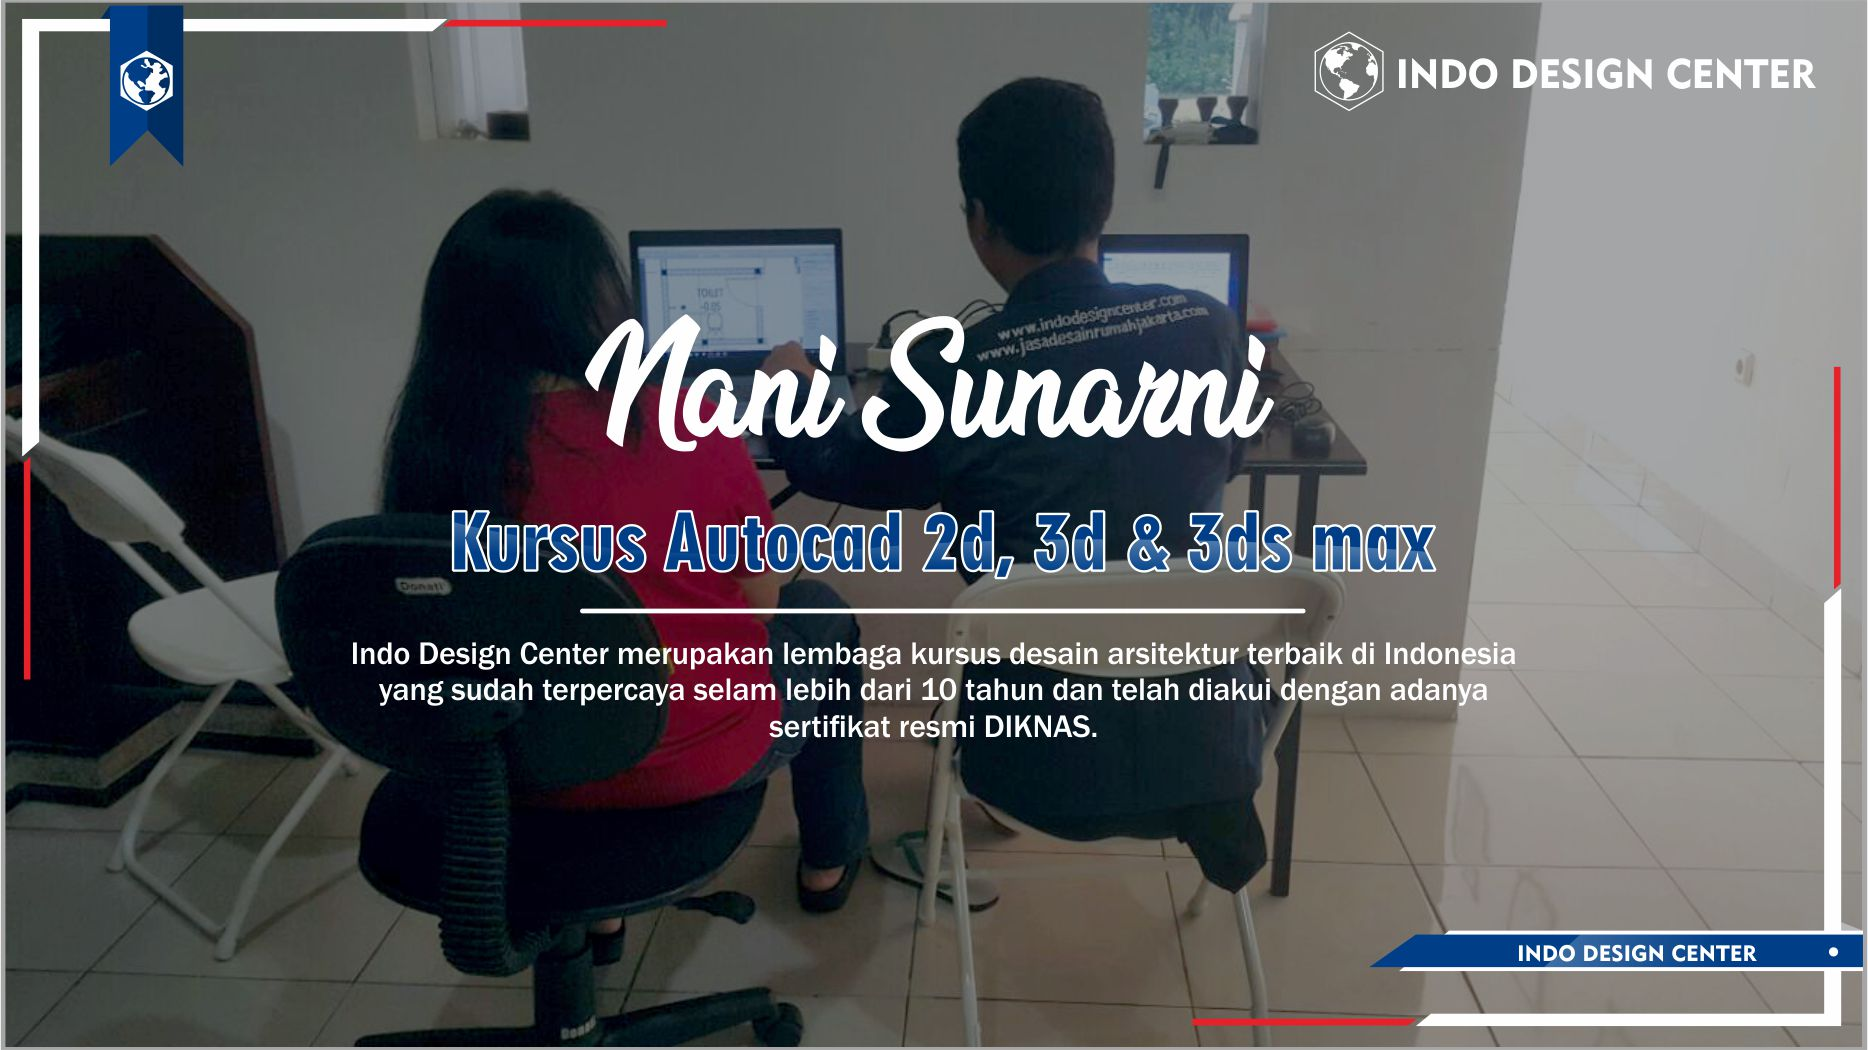 Kursus Autocad 2D, 3D & 3ds Max Pabean Surabaya Nani Sunarni